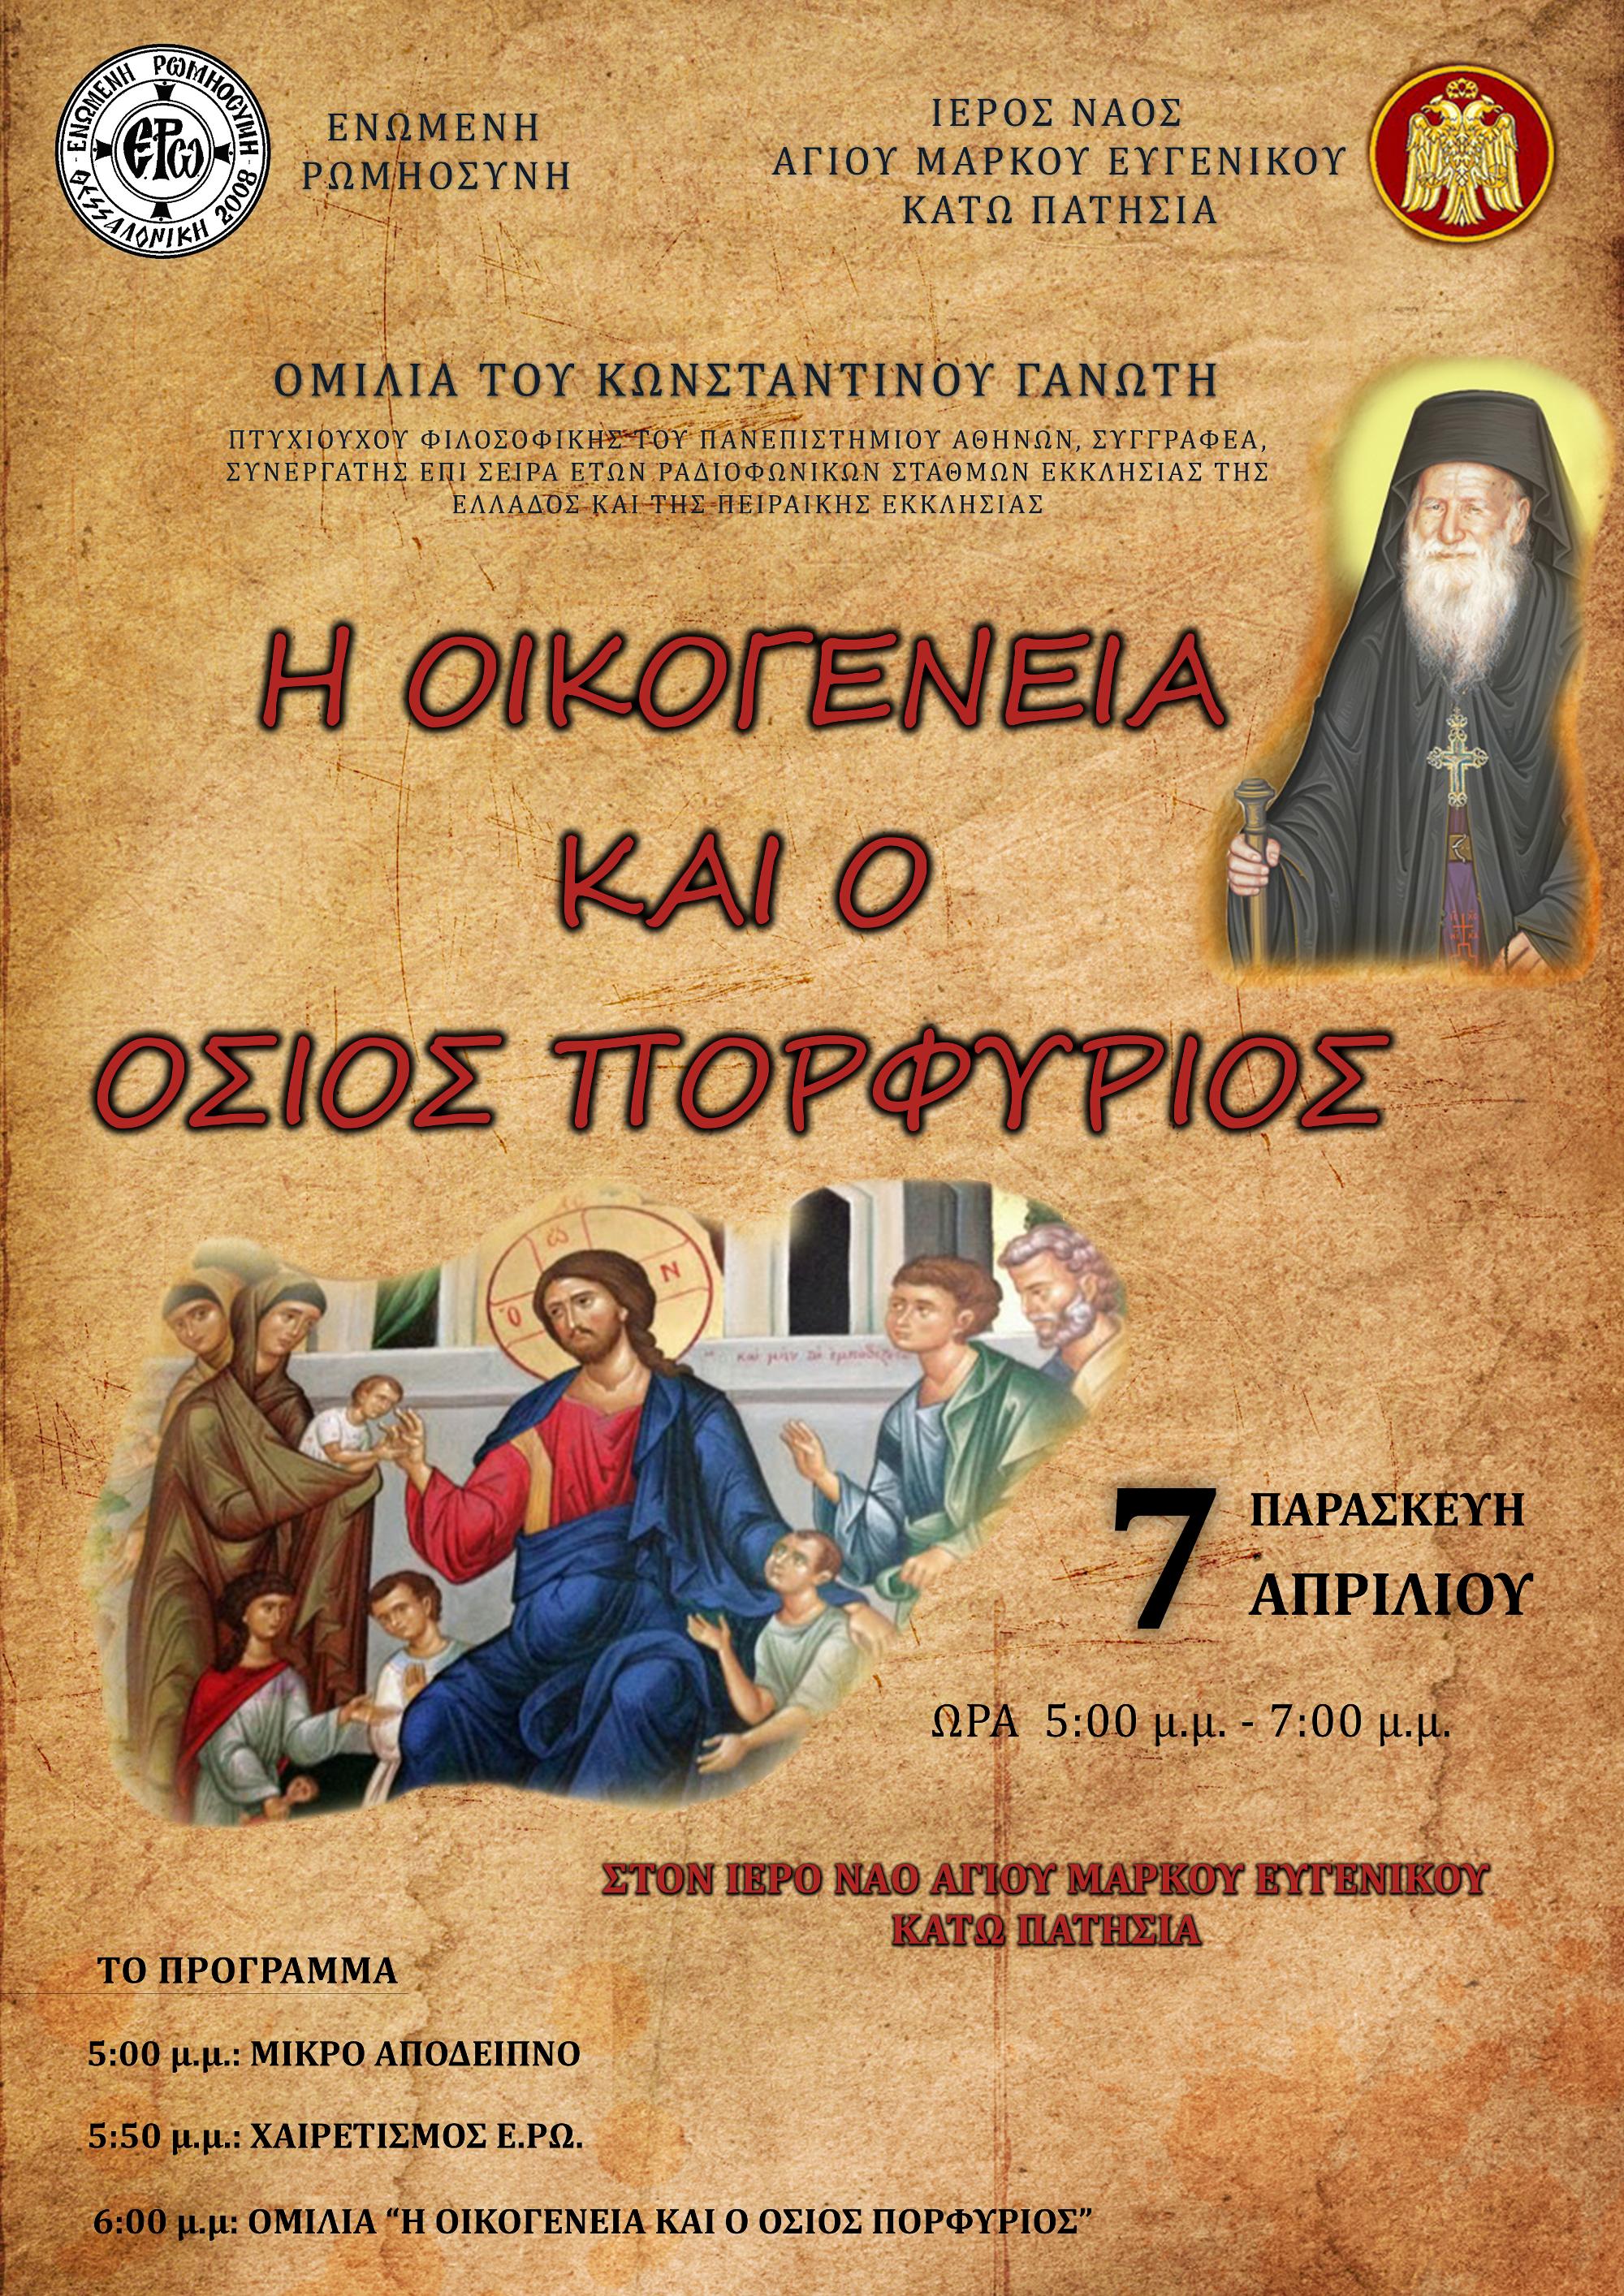 Εκδήλωση - ομιλία με θέμα «Η οικογένεια και ο Όσιος Πορφύριος» στην Αθήνα, 7-4-2017